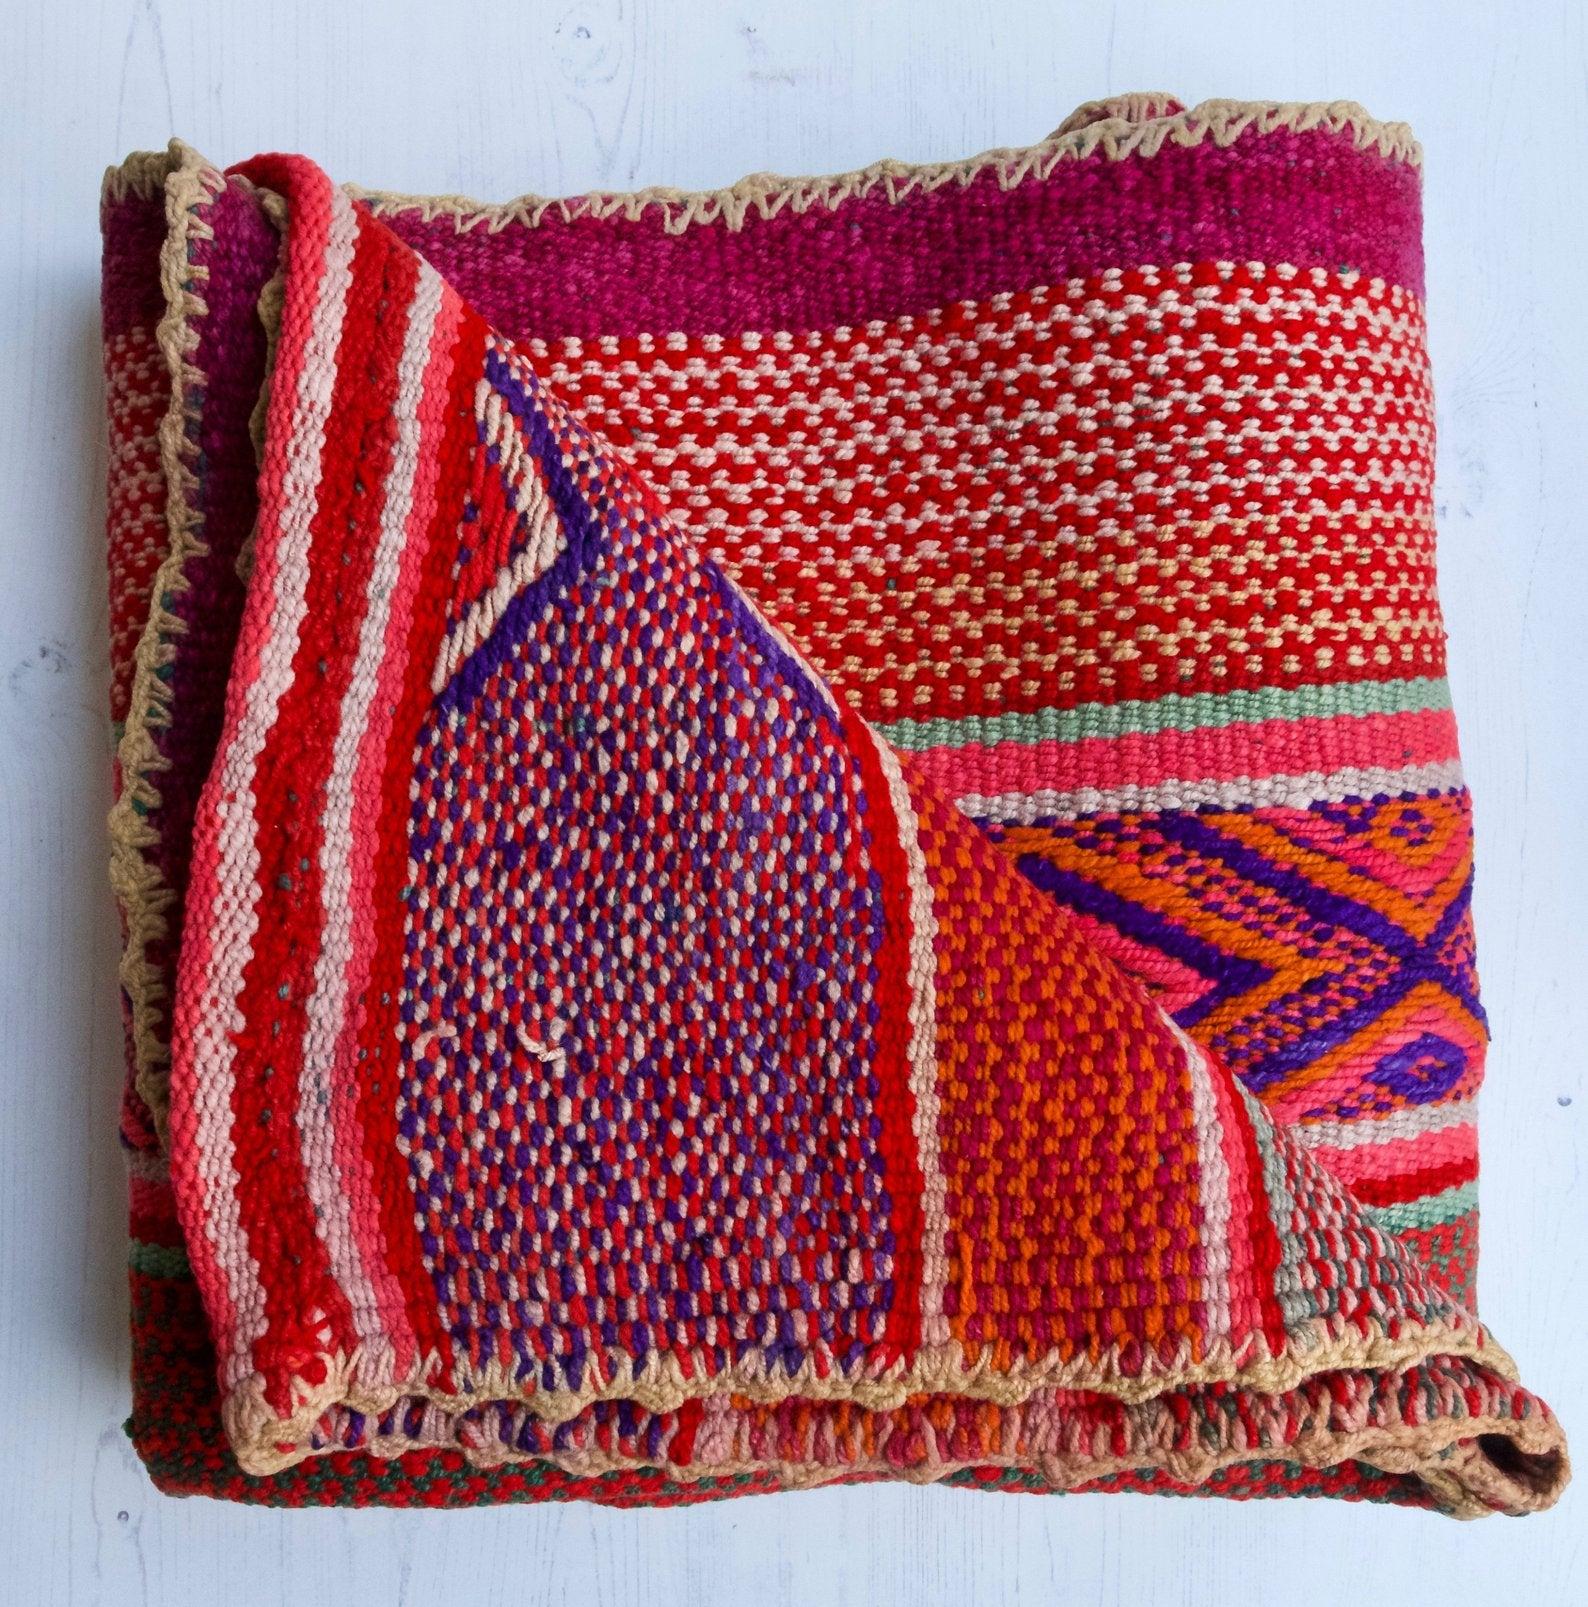 Peruvian boho chic ru